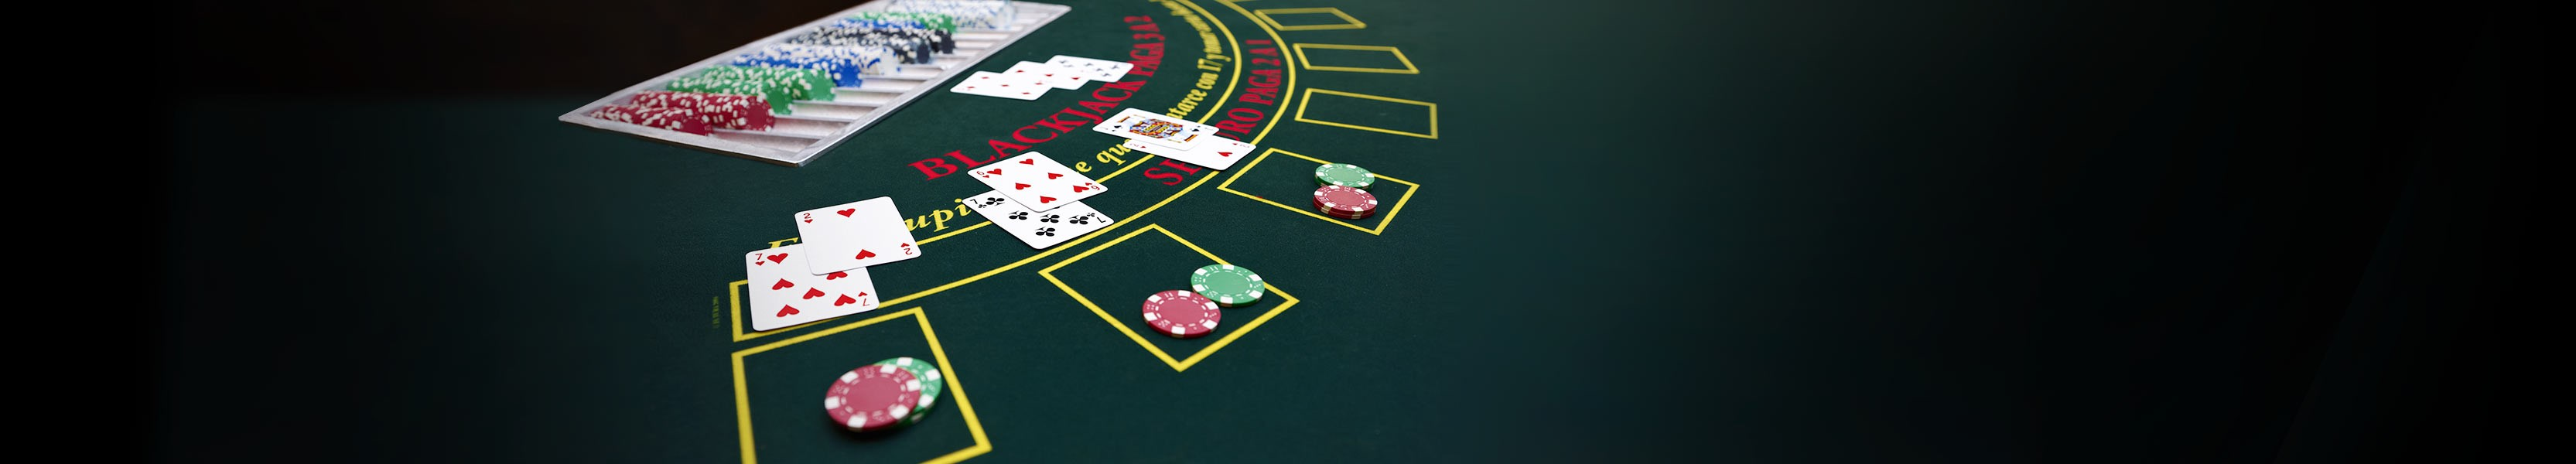 Zasady kasynowej gry blackjack